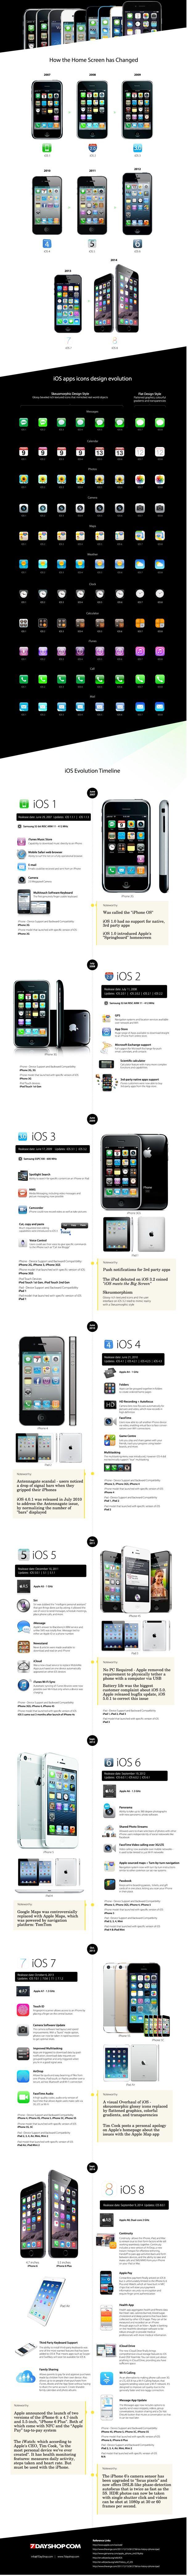 Sieben Jahre ist es mittlerweile schon her, dass das Original iPhone auf den Markt kam. Wie die Zeit vergeht.